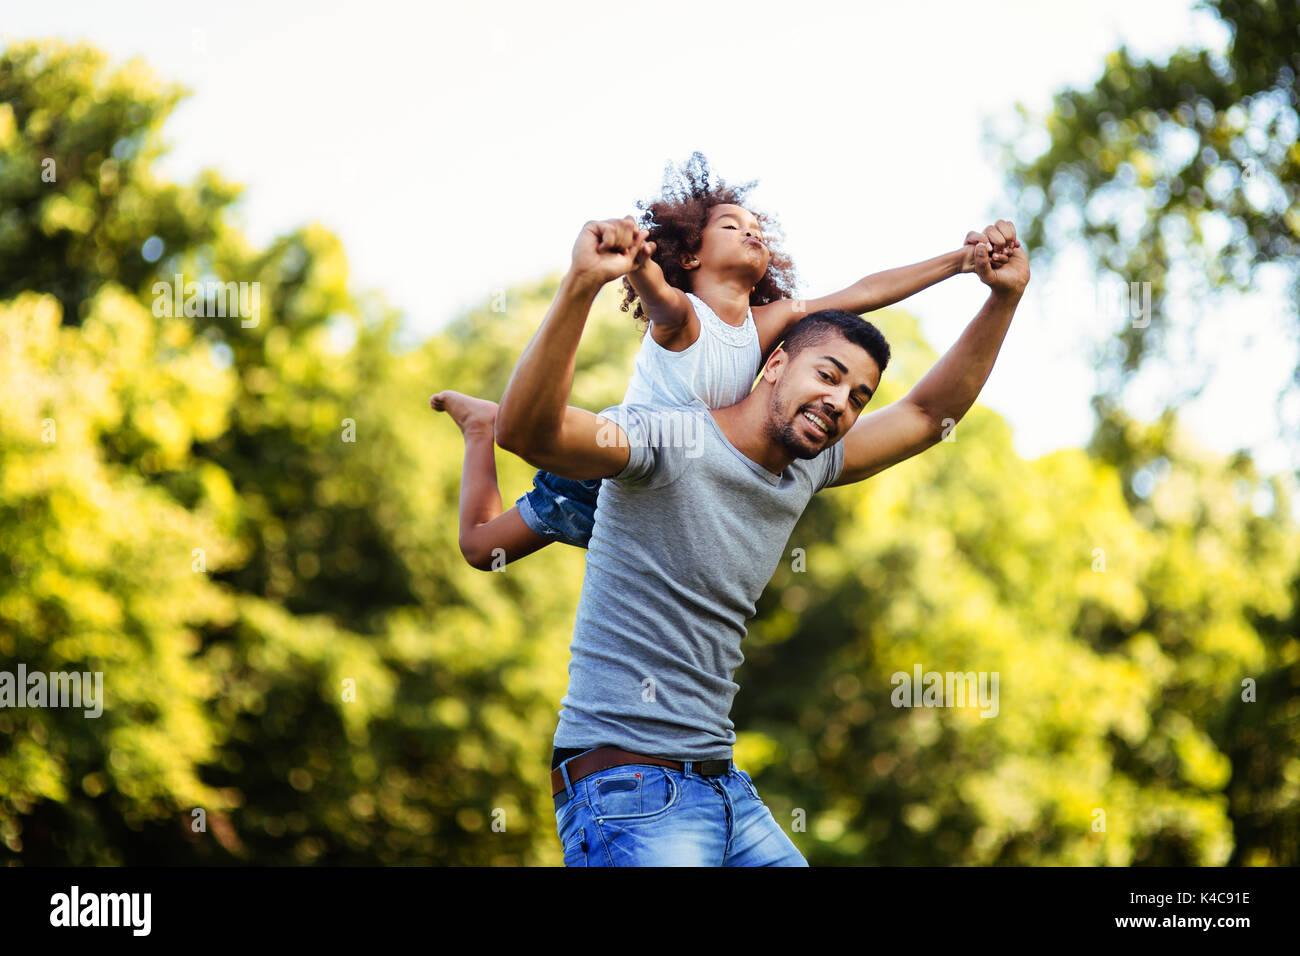 Porträt der jungen Vater, der seine Tochter, die auf dem Rücken Stockbild